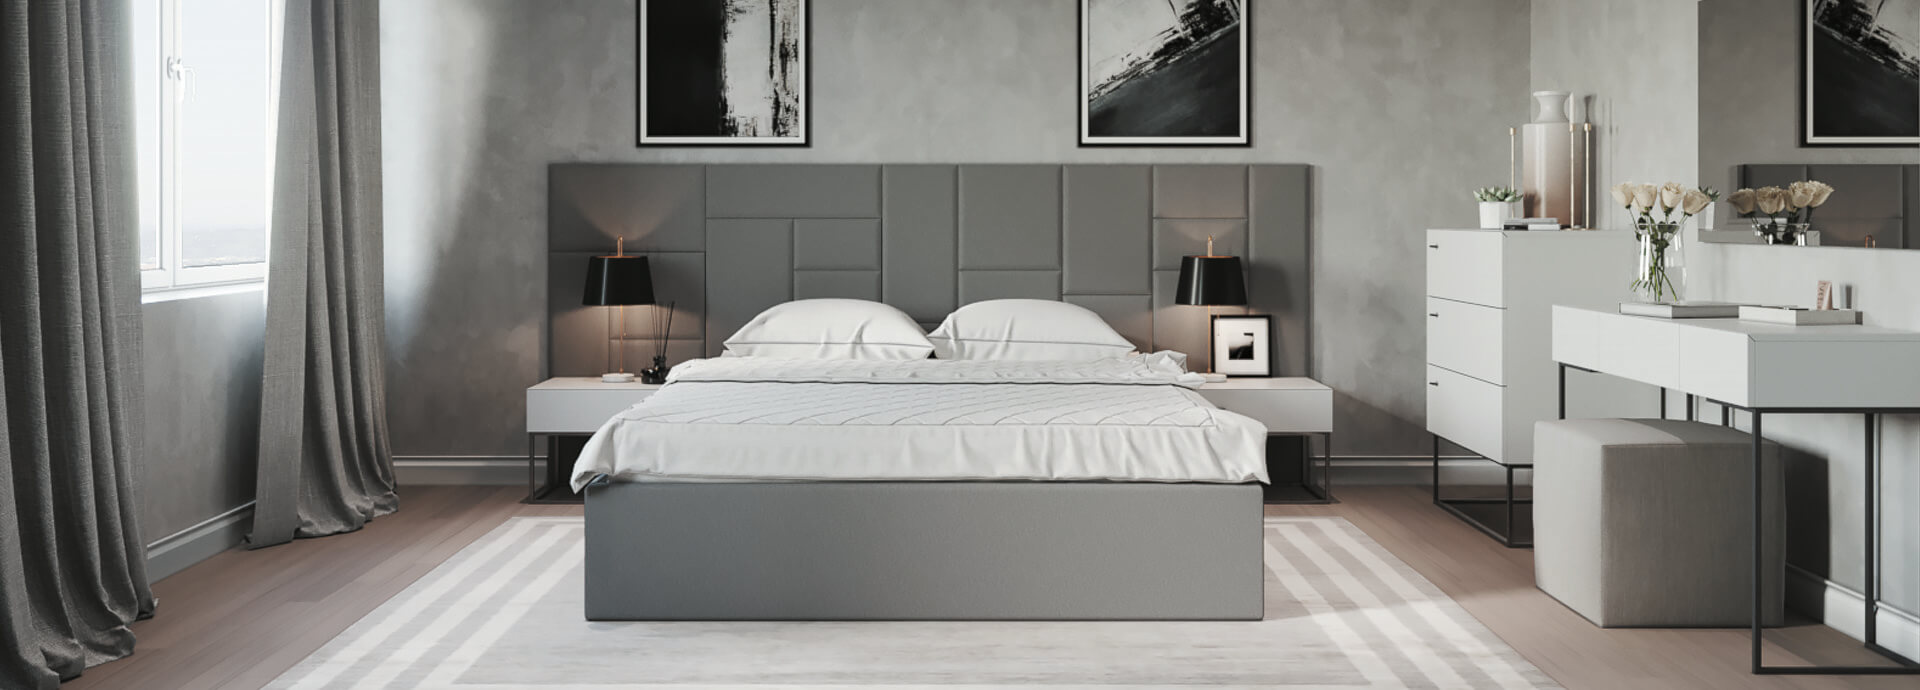 Life Bedroom